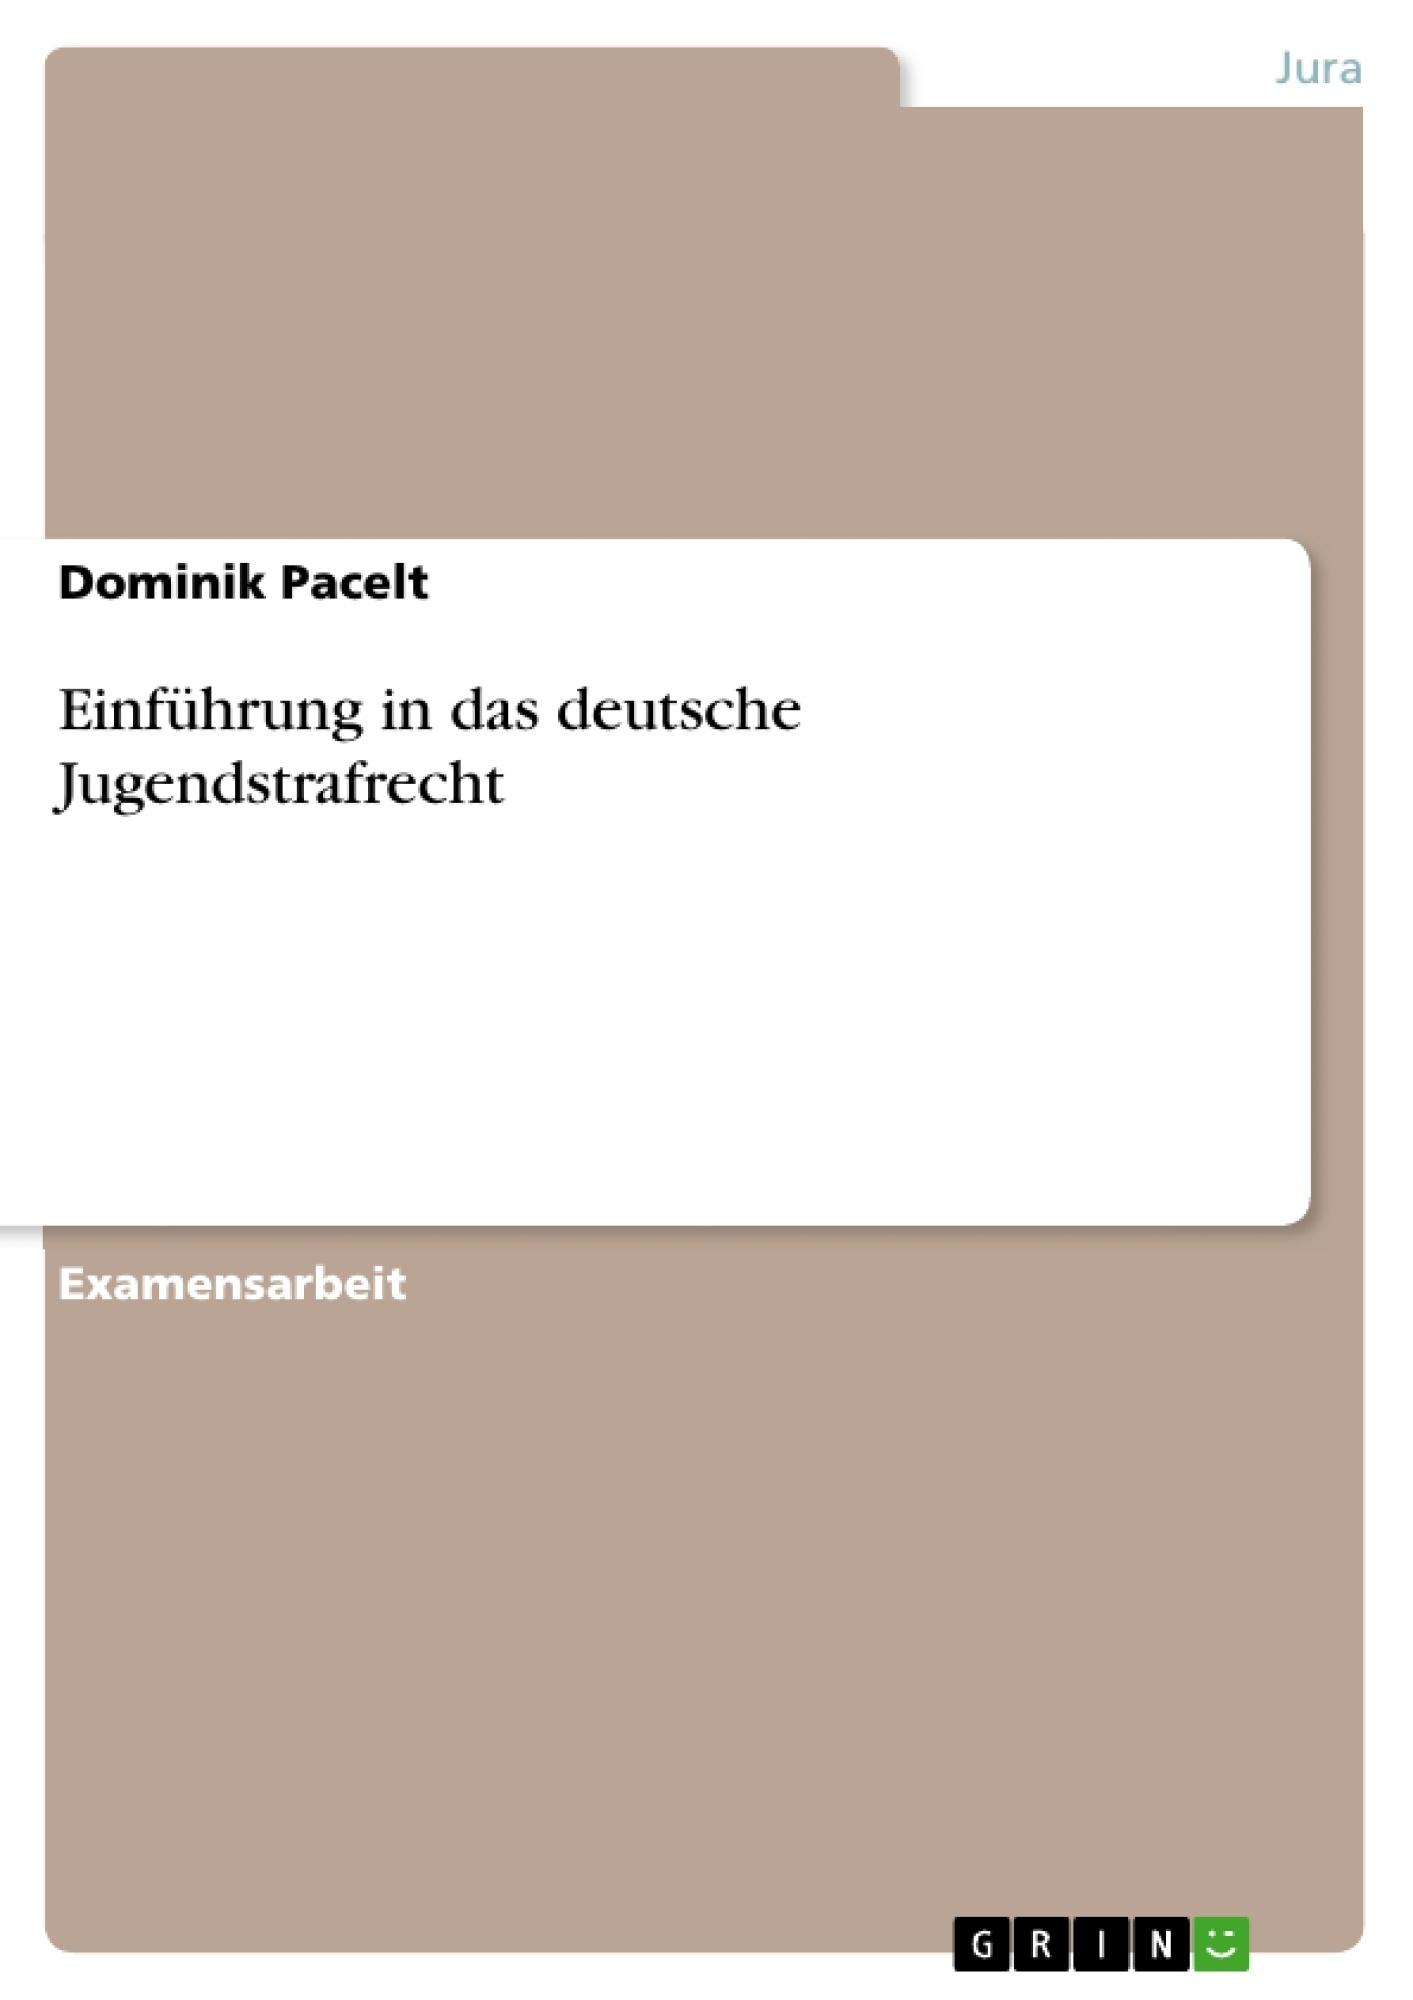 Titel: Einführung in das deutsche Jugendstrafrecht